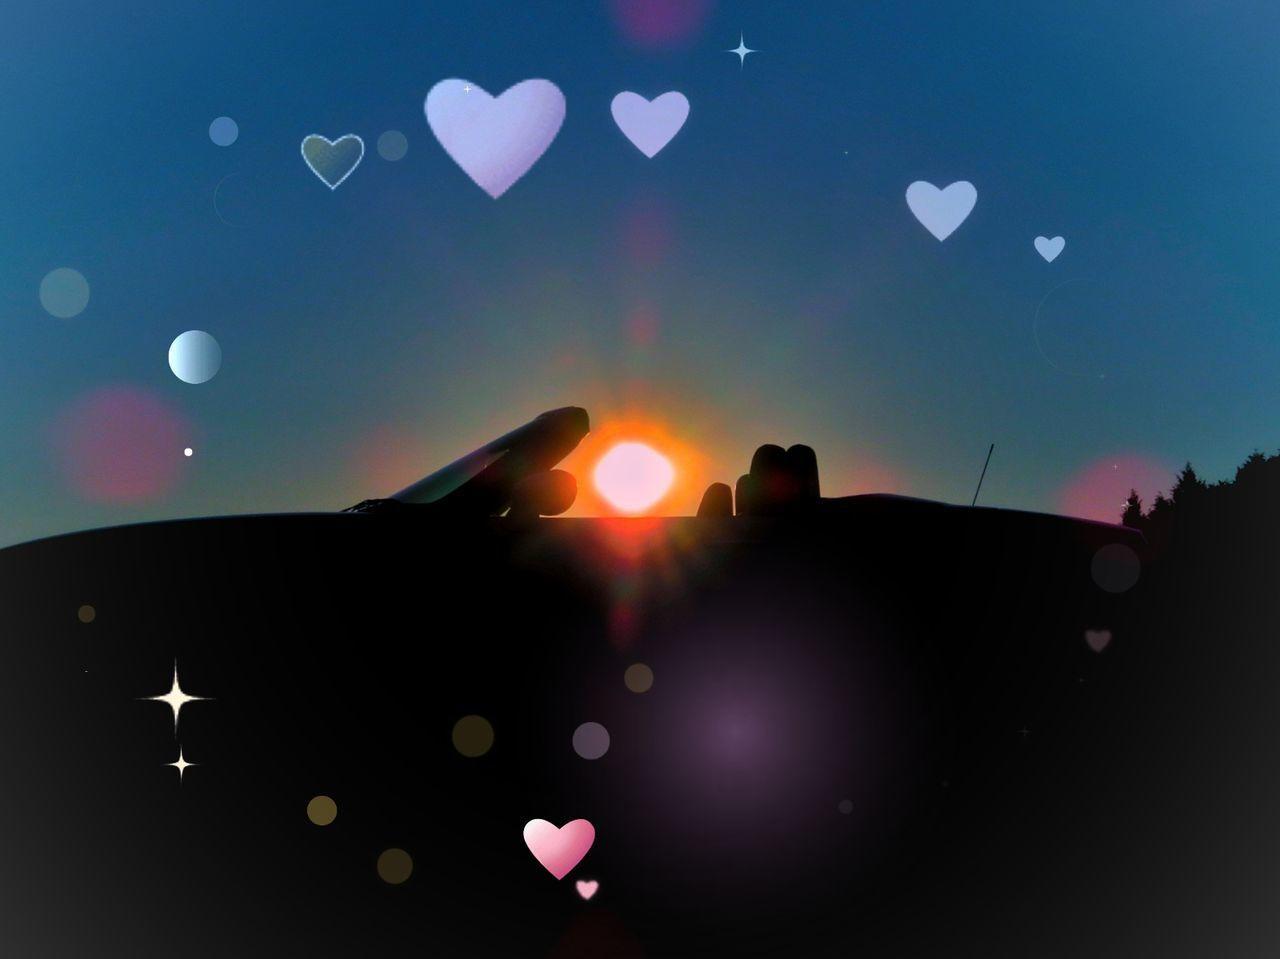 夕焼け空 空 青空 日暮 車 マツダ ロードスター Sunset Sun Sunlight Sky Blue Sky Car Mazda MX-5 Miata EyeEm Nature Lover EyeEm Best Shots Beauty In Nature Nature Nature Lover 写真好き いま空 写真好きな人と繋がりたい Moon